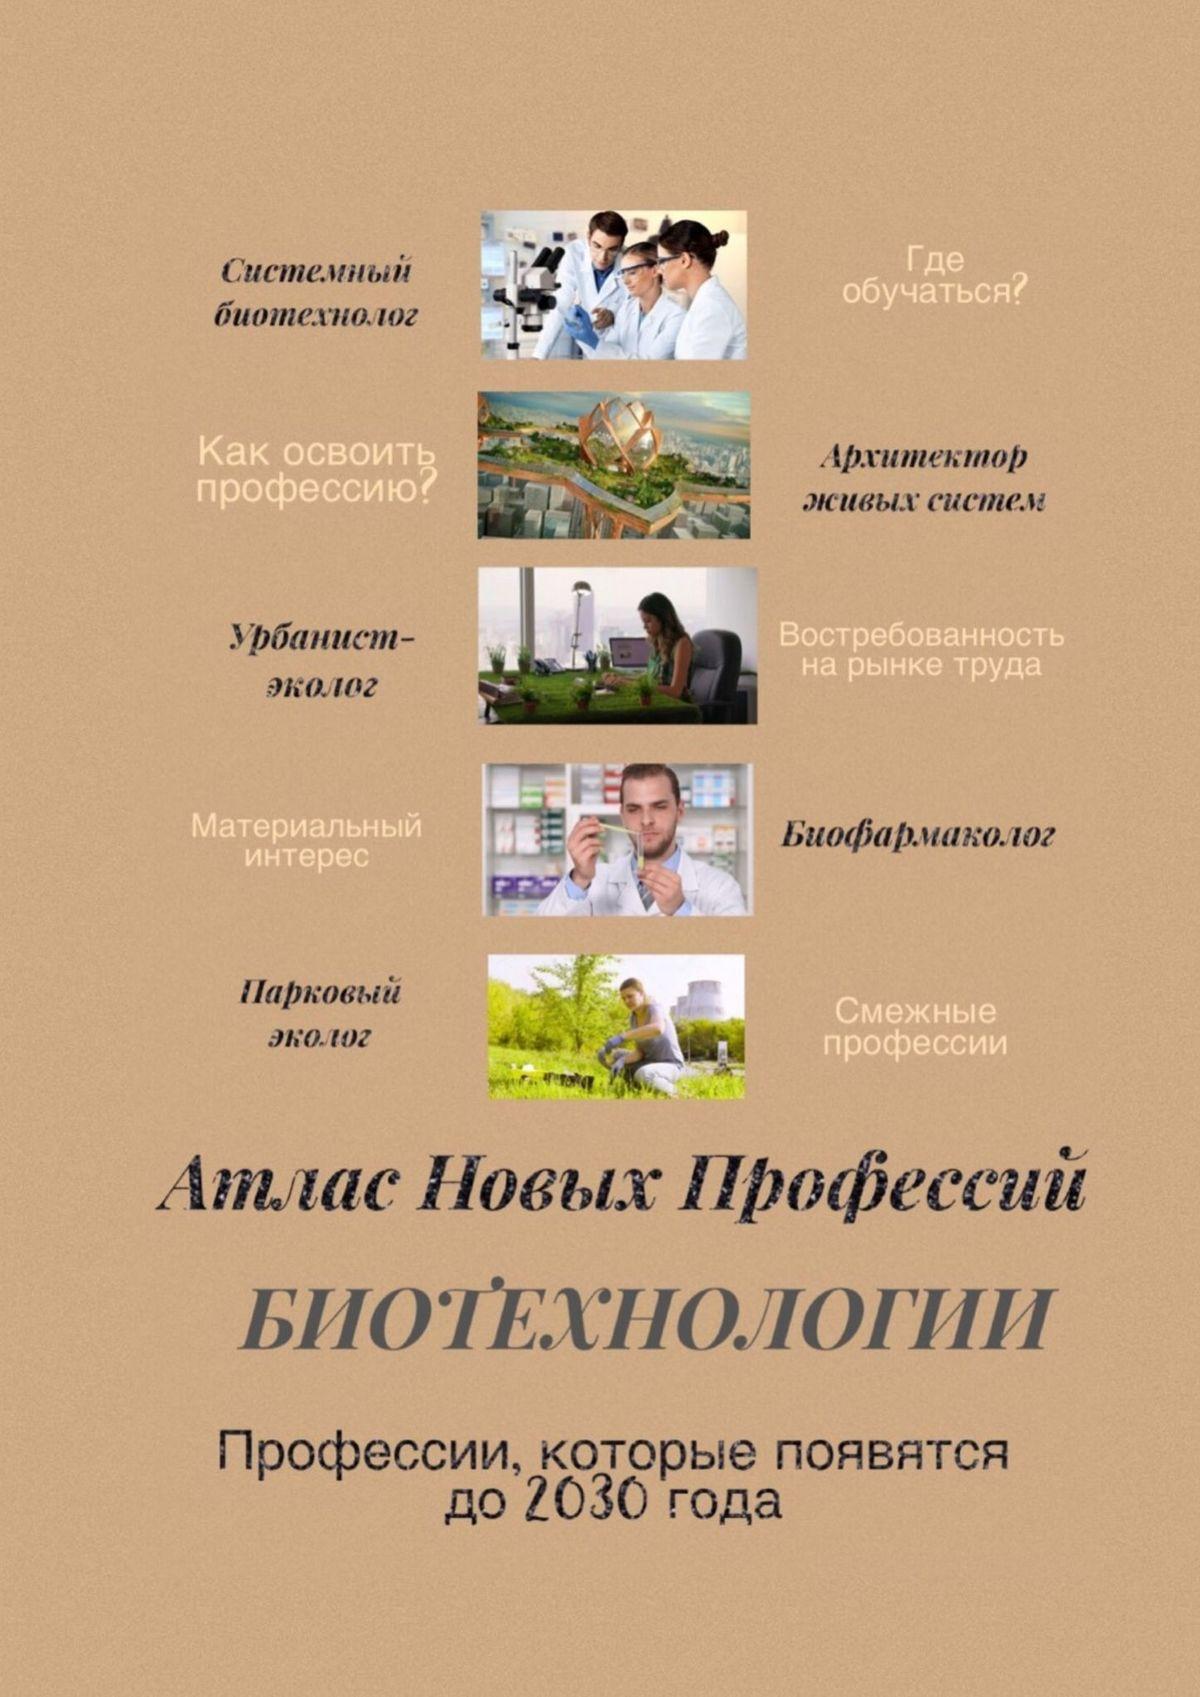 Татьяна Александровна Тонунц Атлас новых профессий. Биотехнологии. Профессии, которые появятся до 2030 года